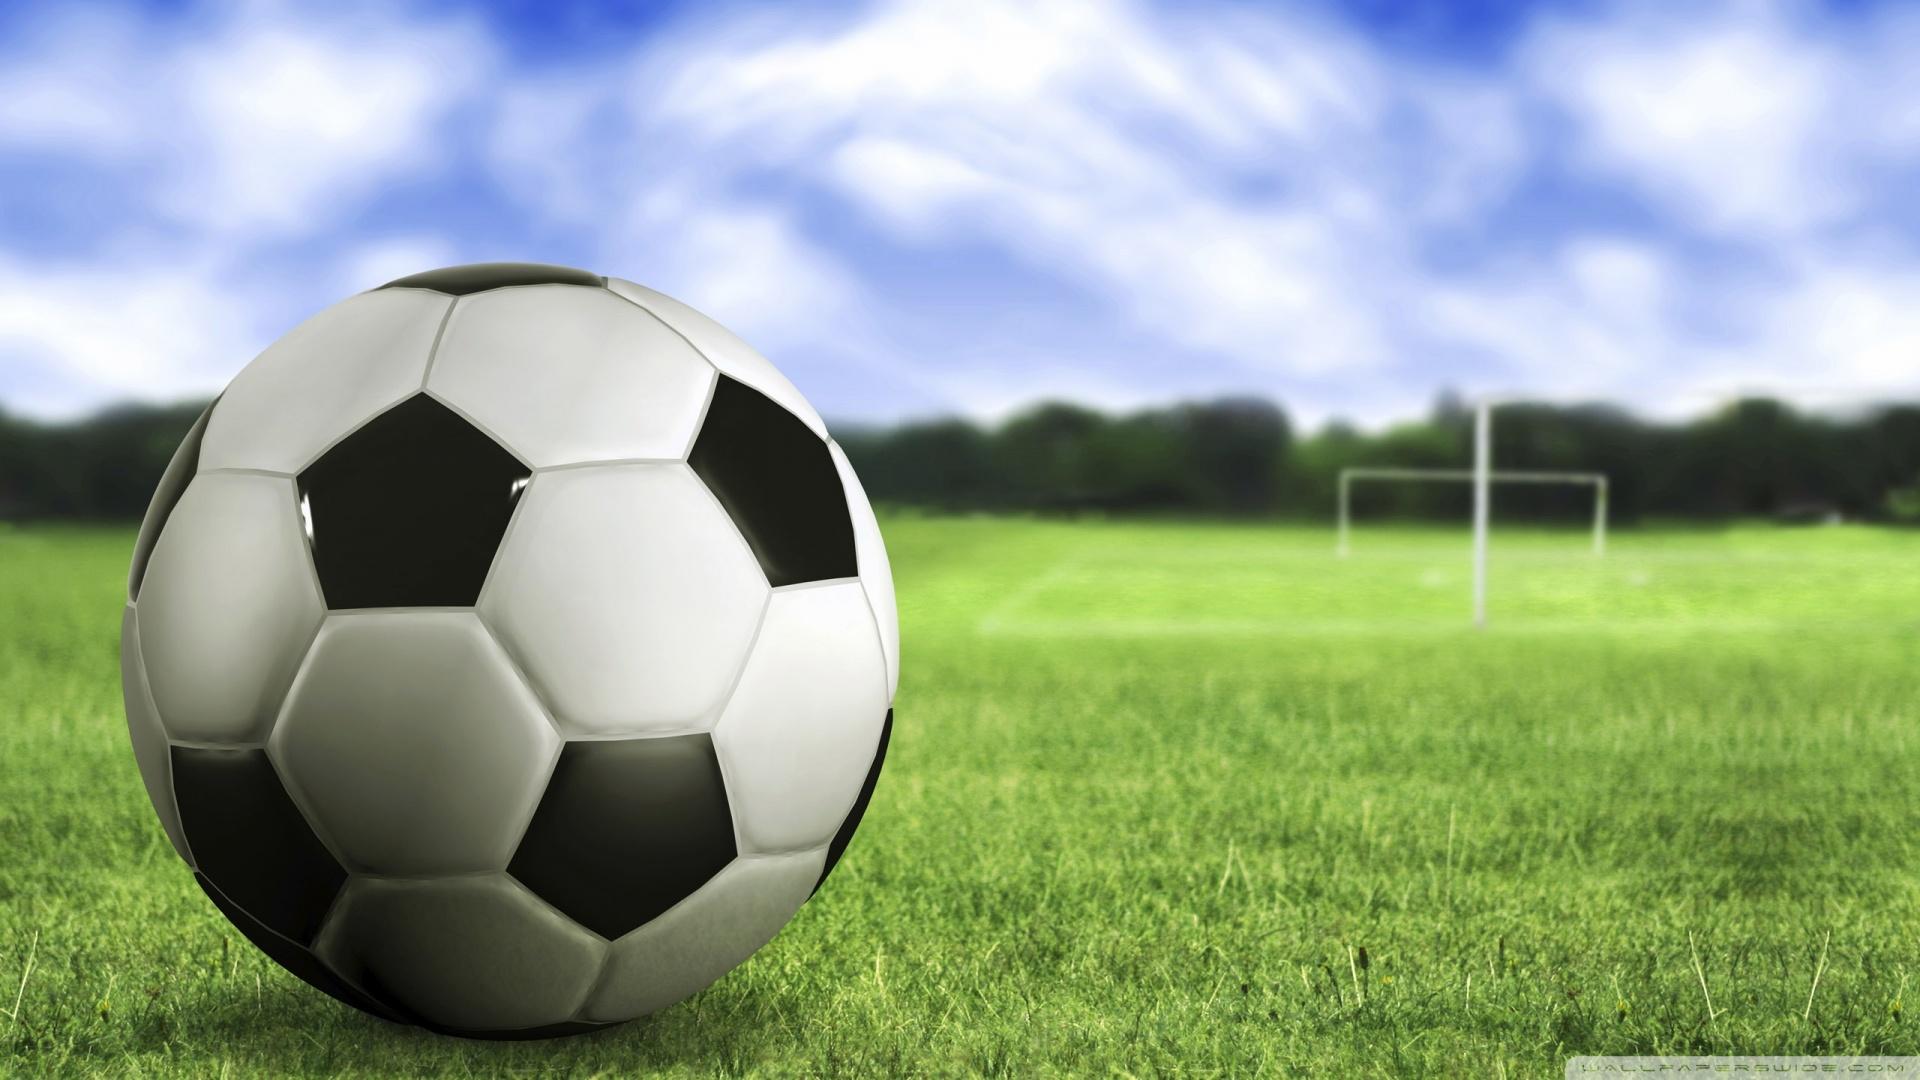 Soccer Ball Wallpaper 1920x1080 Soccer Ball 1920x1080